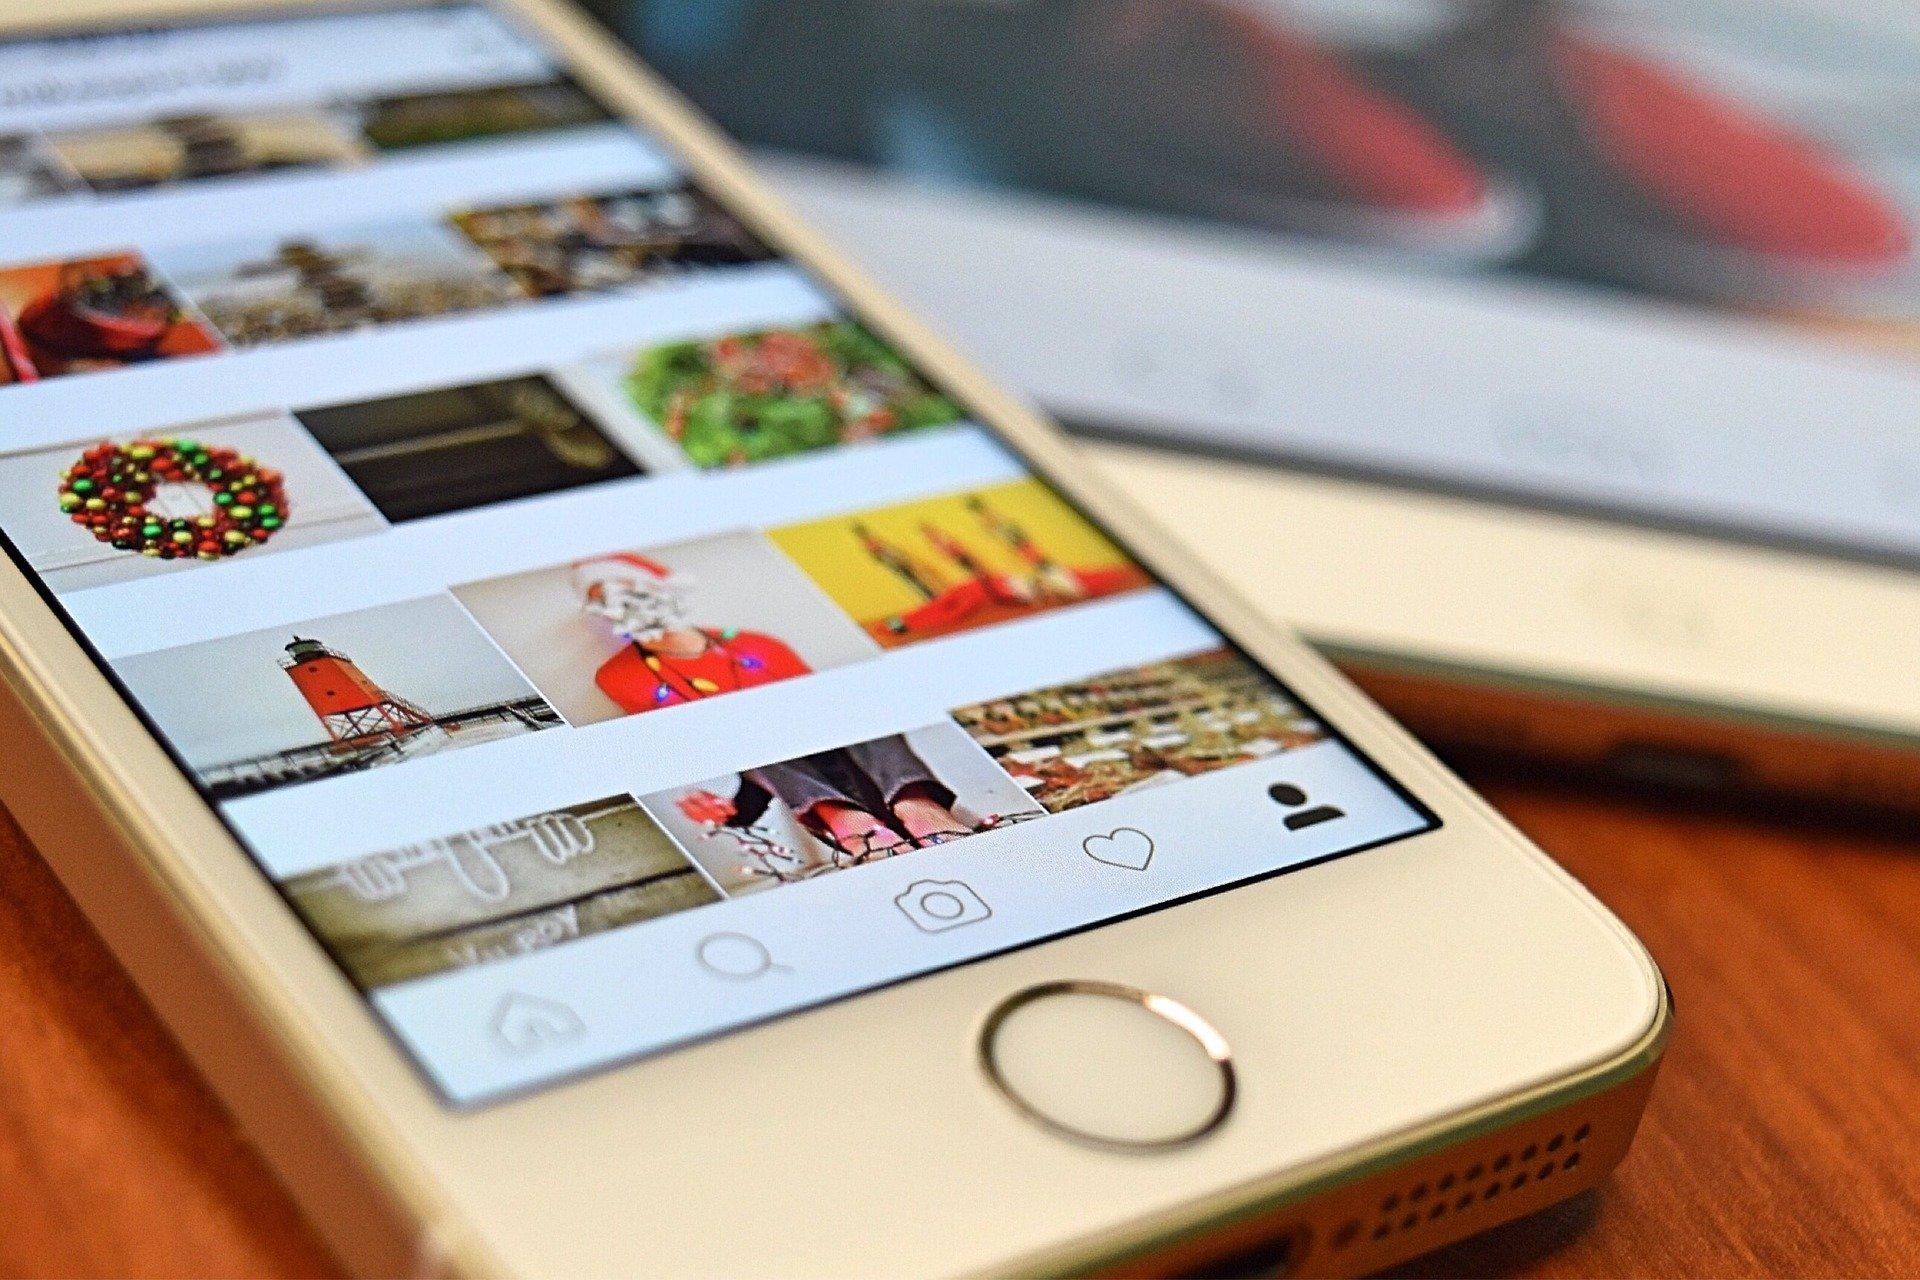 Πώς να τραβήξω μια ωραία φωτογραφία για το Instagram